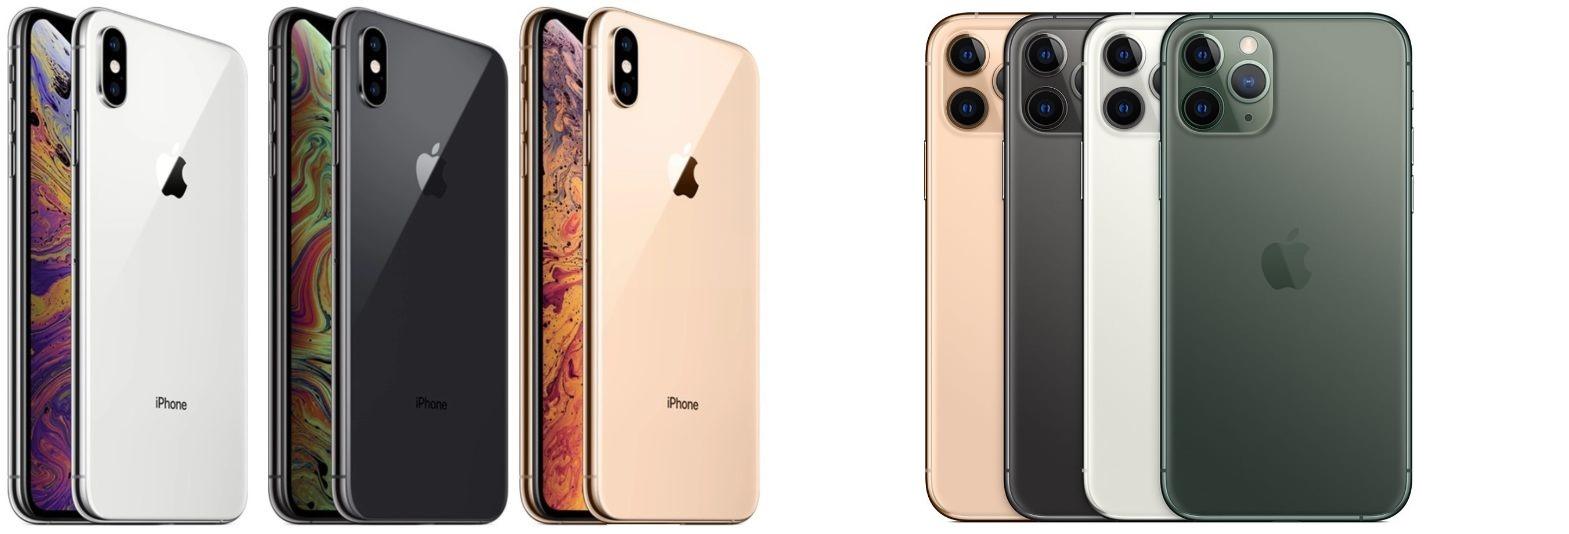 Цвета корпусов iPhone Xs и iPhone 11 Pro